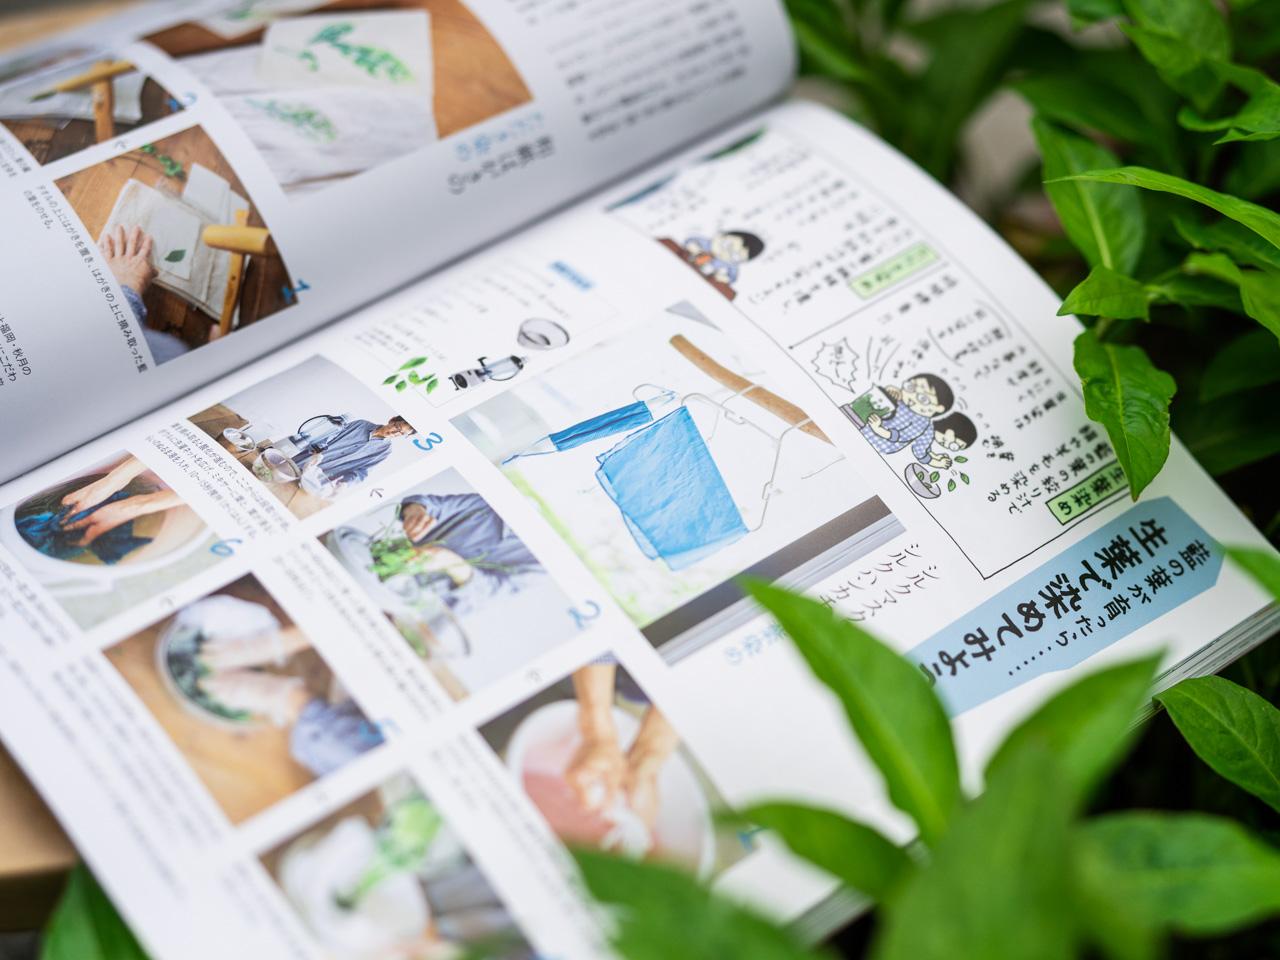 七緒 vol.66 summer2021